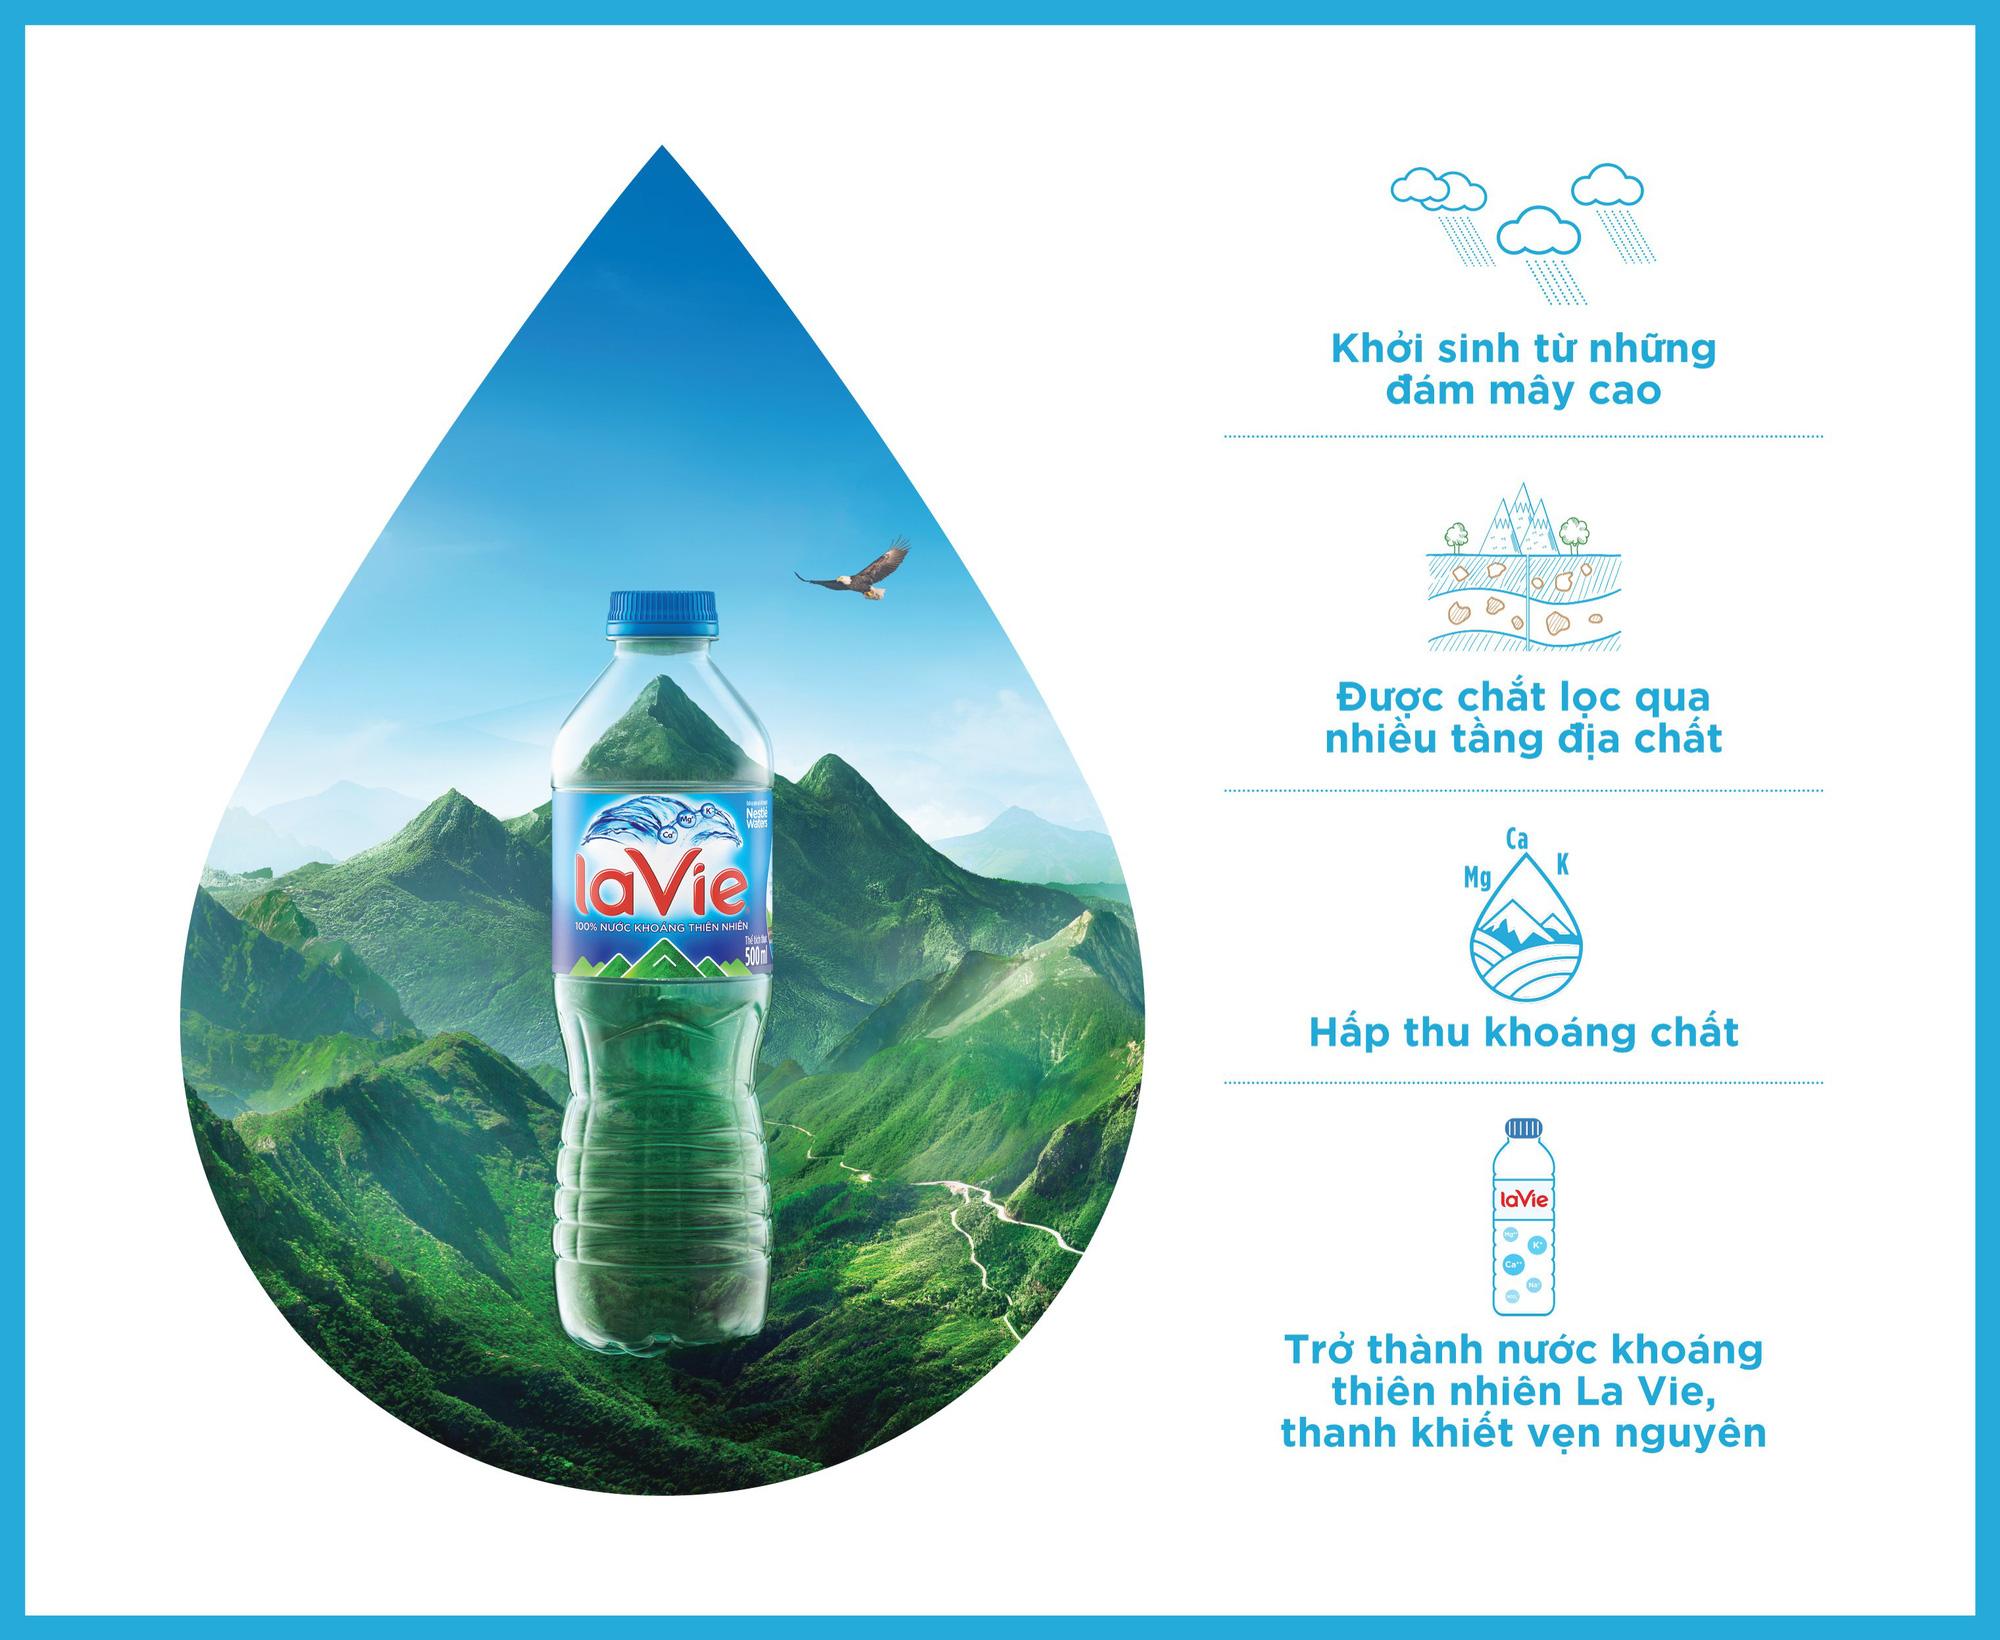 Huyền Trang Bất Hối: Hãy chọn sống khí chất, khác biệt như giọt nước khoáng - Ảnh 2.